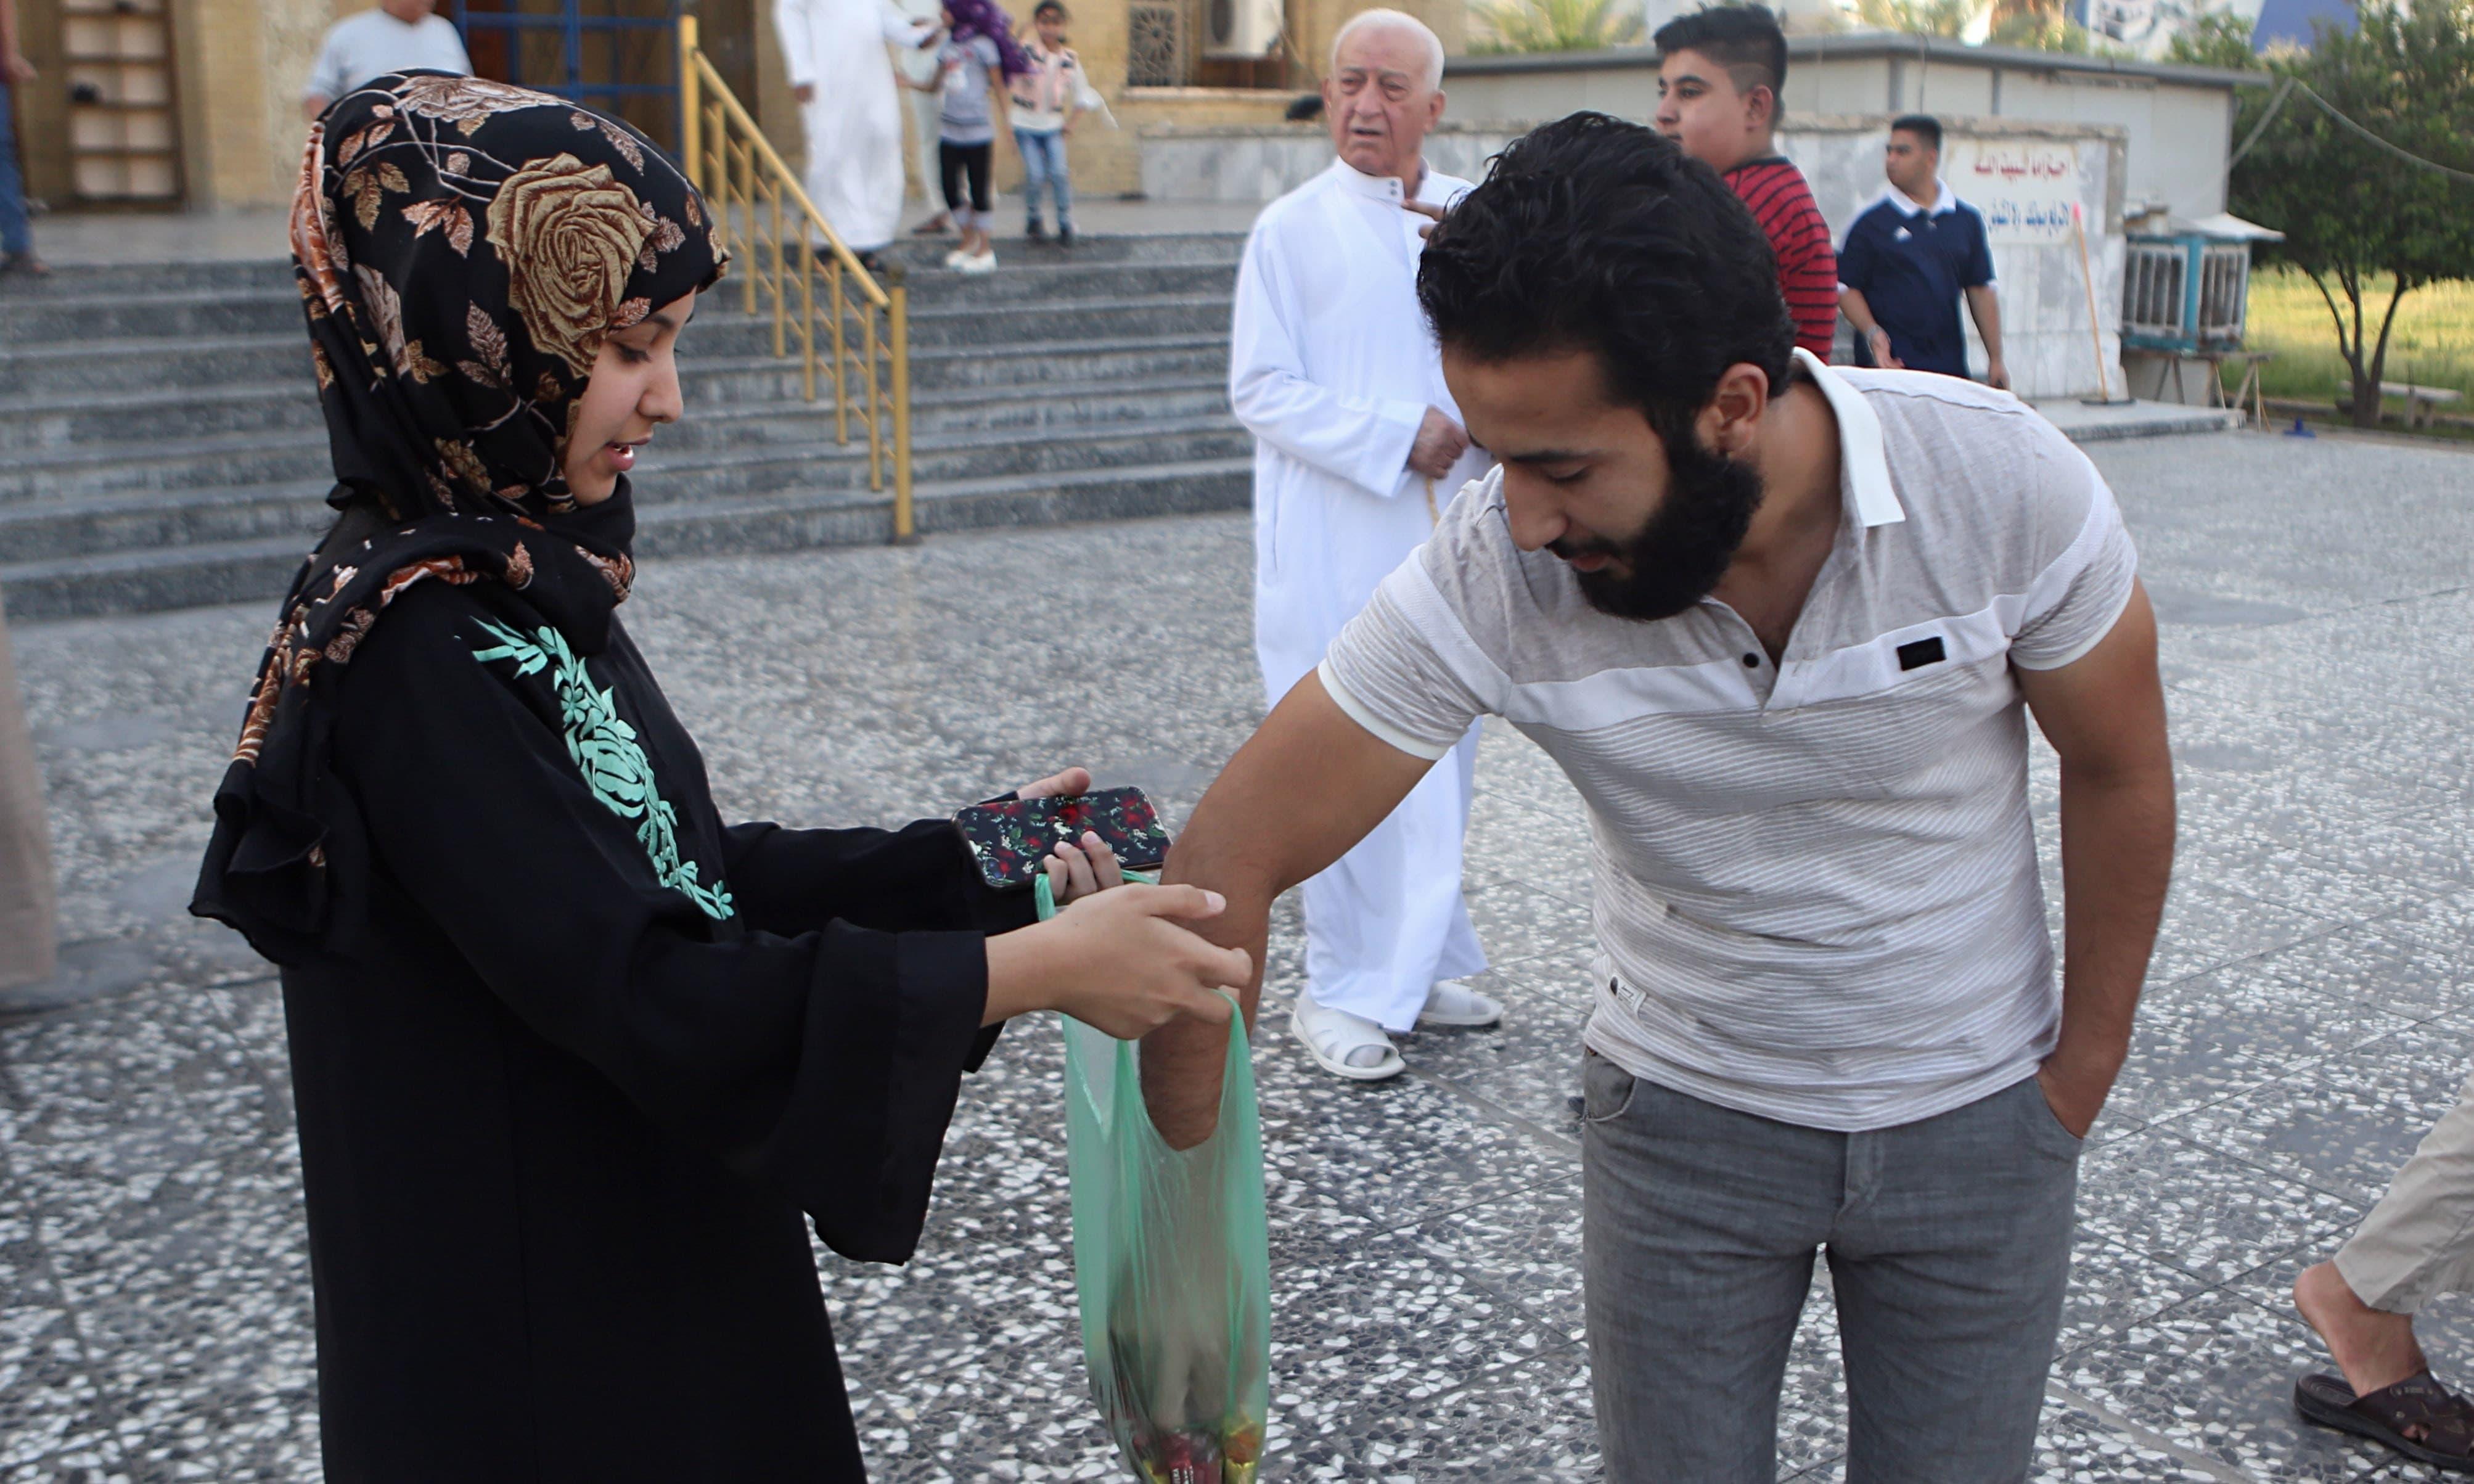 عراق میں عید کے موقع پر ایک دوسرے کے درمیان میٹھائیاں تقسیم کی گئیں —فوٹو/ اے پی